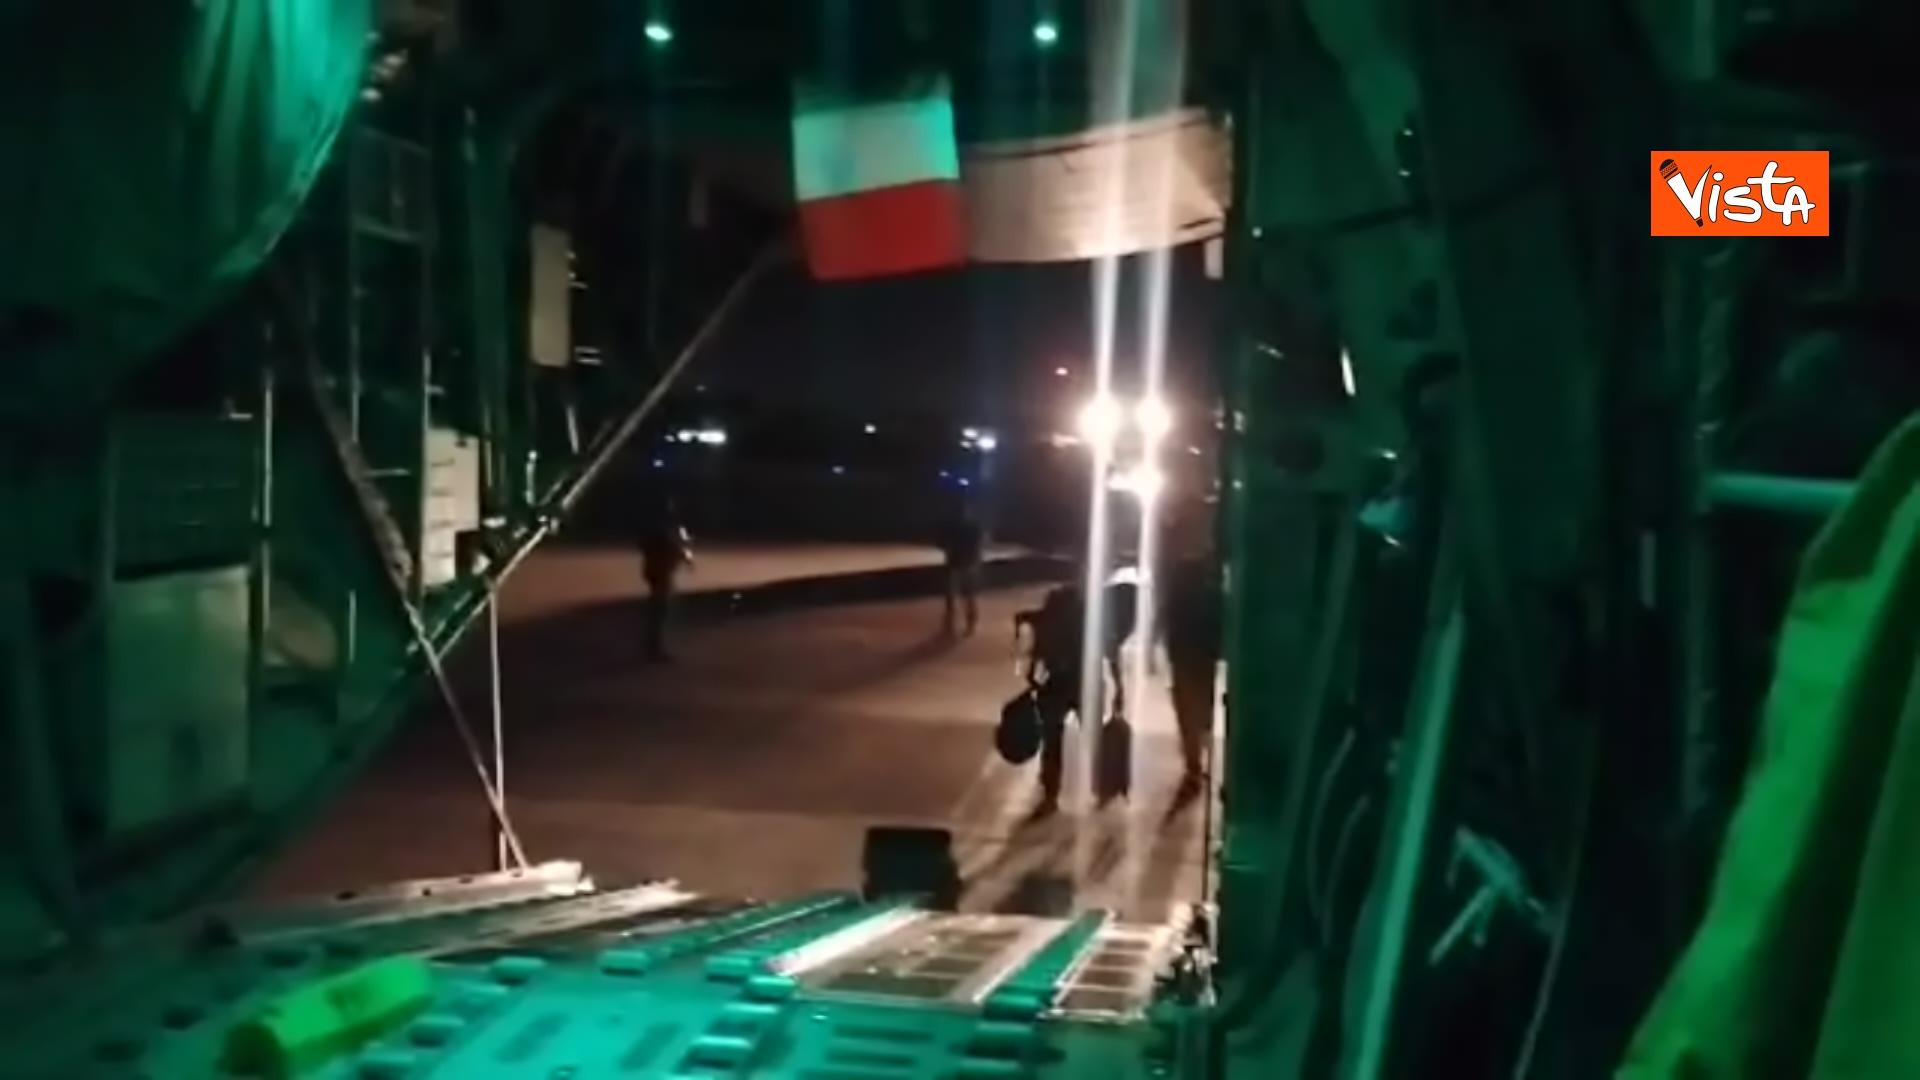 27-08-21 Finisce il ponte aereo Roma Kabul,_02. la chiusura del portellone